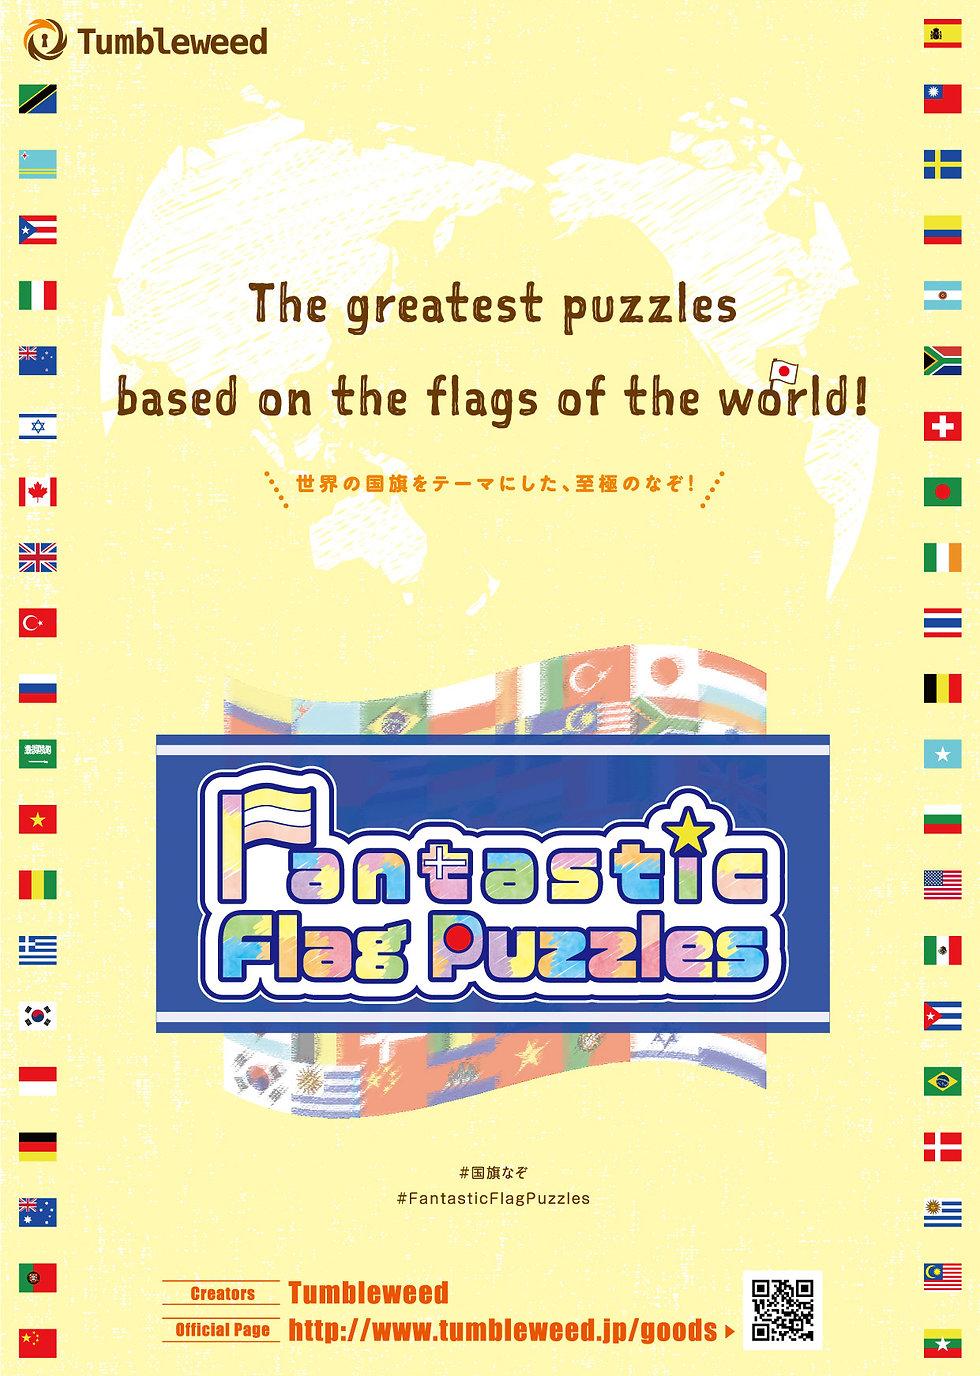 1907-国旗なぞ英語版-A4-ol.ai.jpg